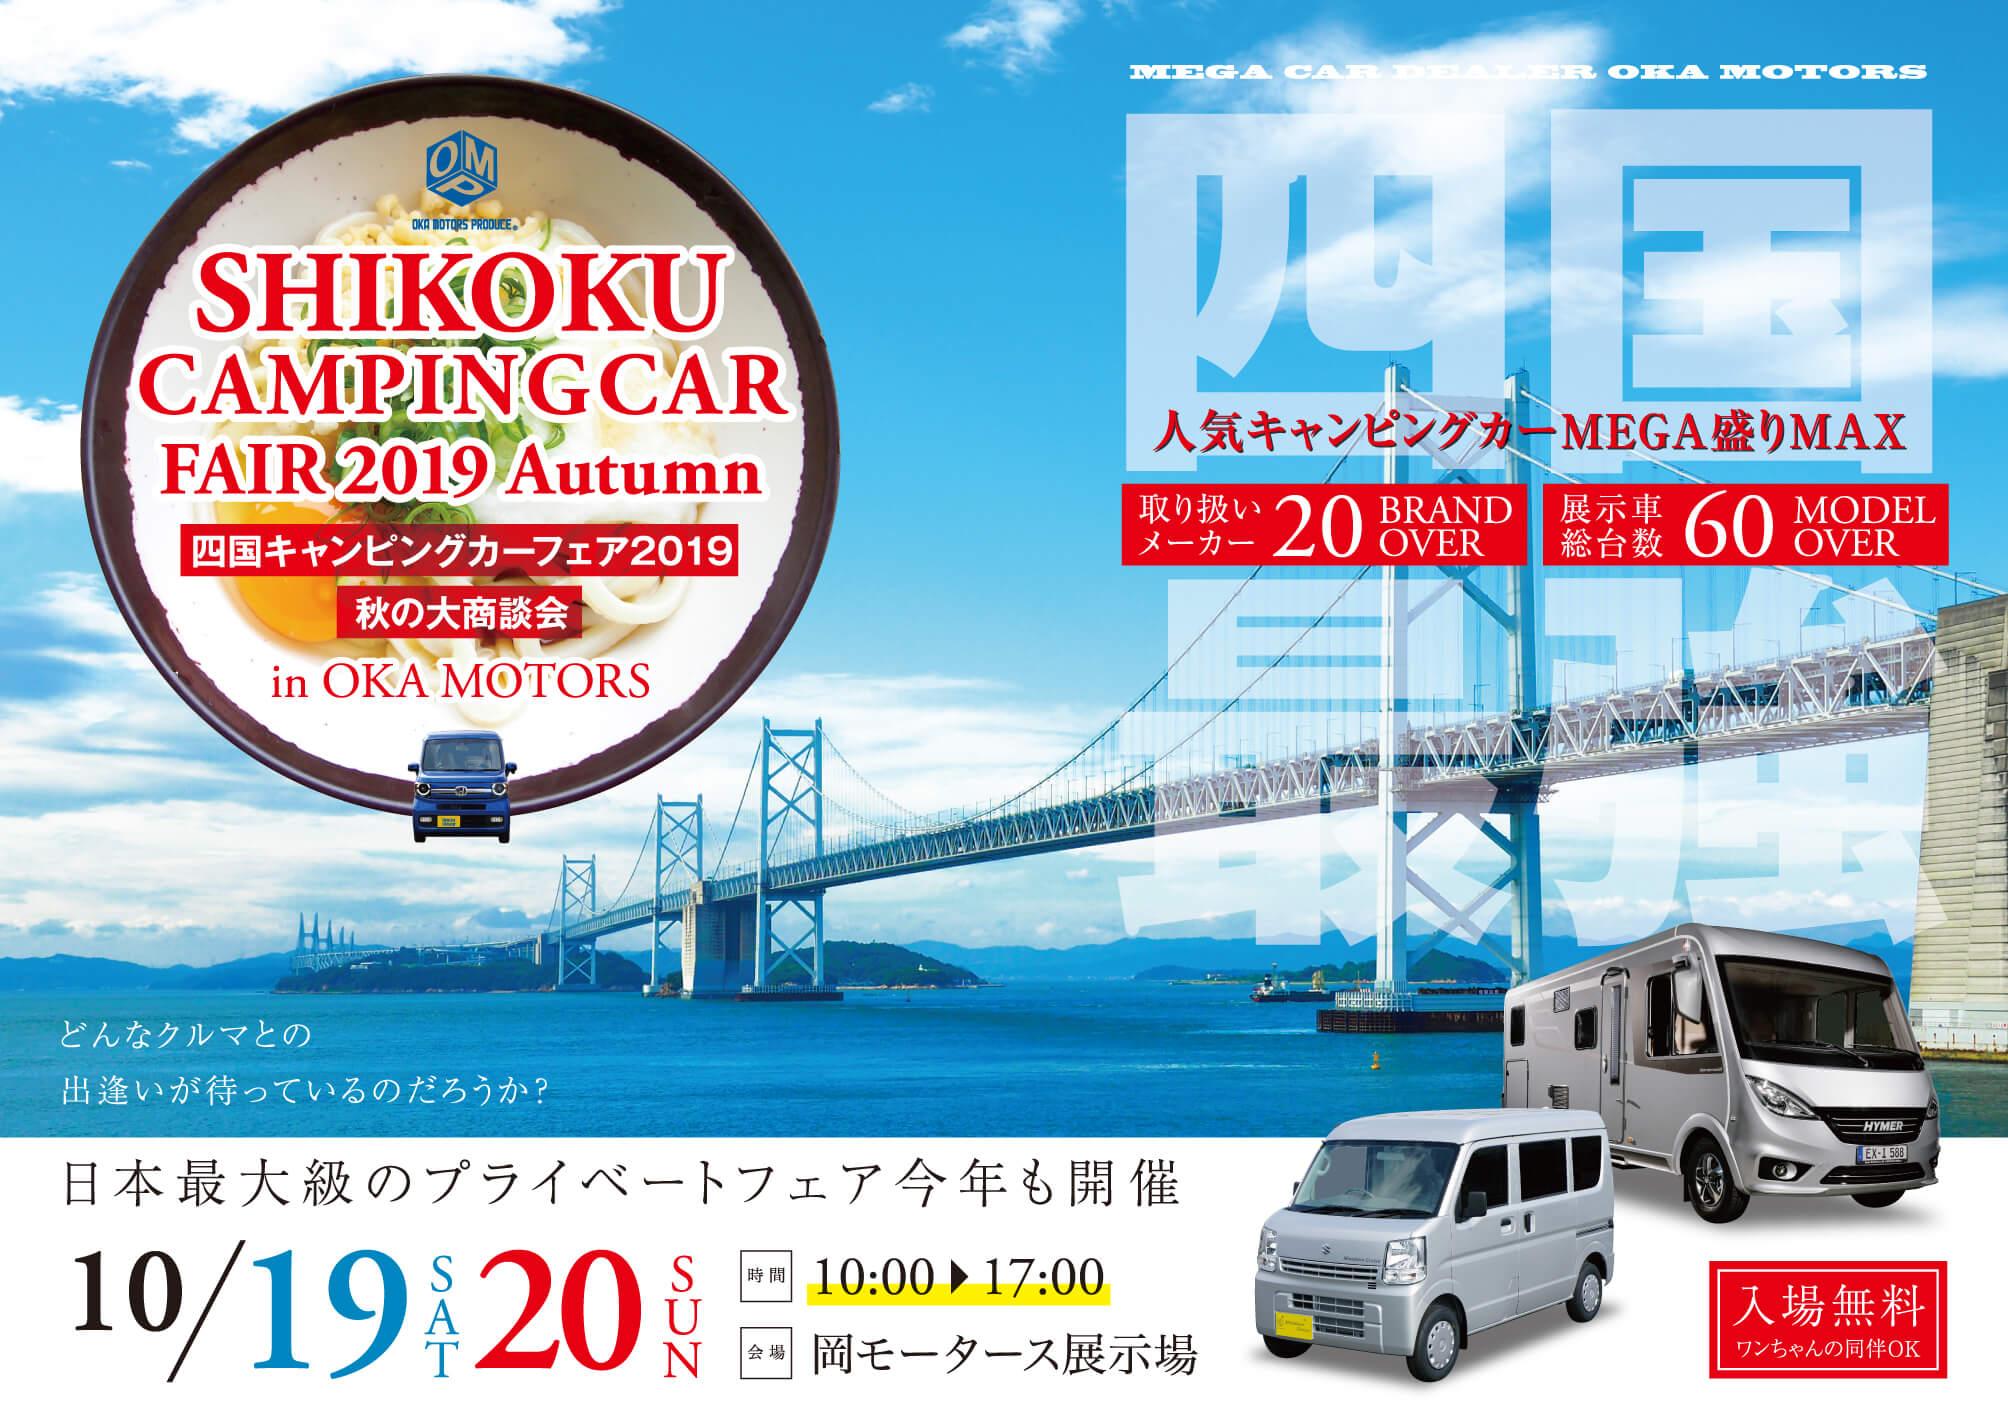 四国キャンピングフェア 2019 Autumn